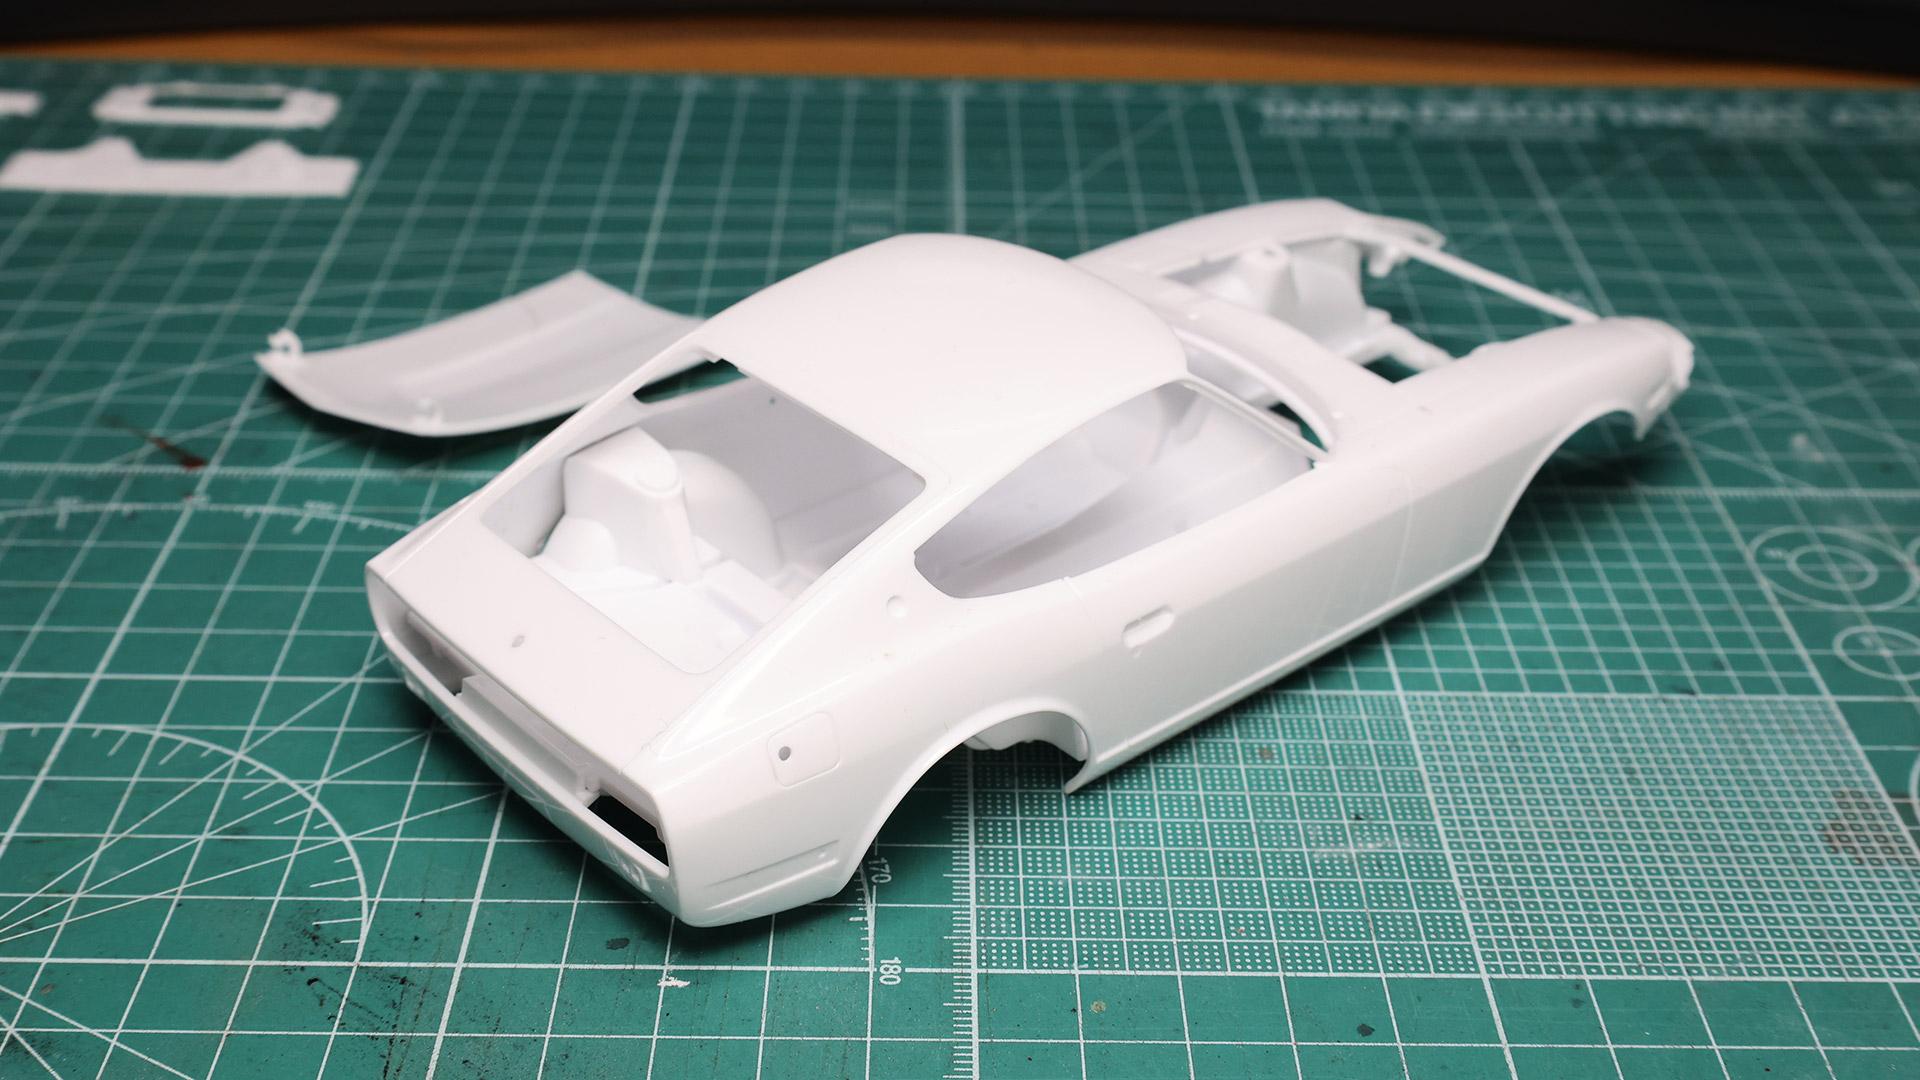 本当の自動車の製造工場ではこんな状態で下地剤のプールへ投入し、塗装工程へ進むのを見ますね